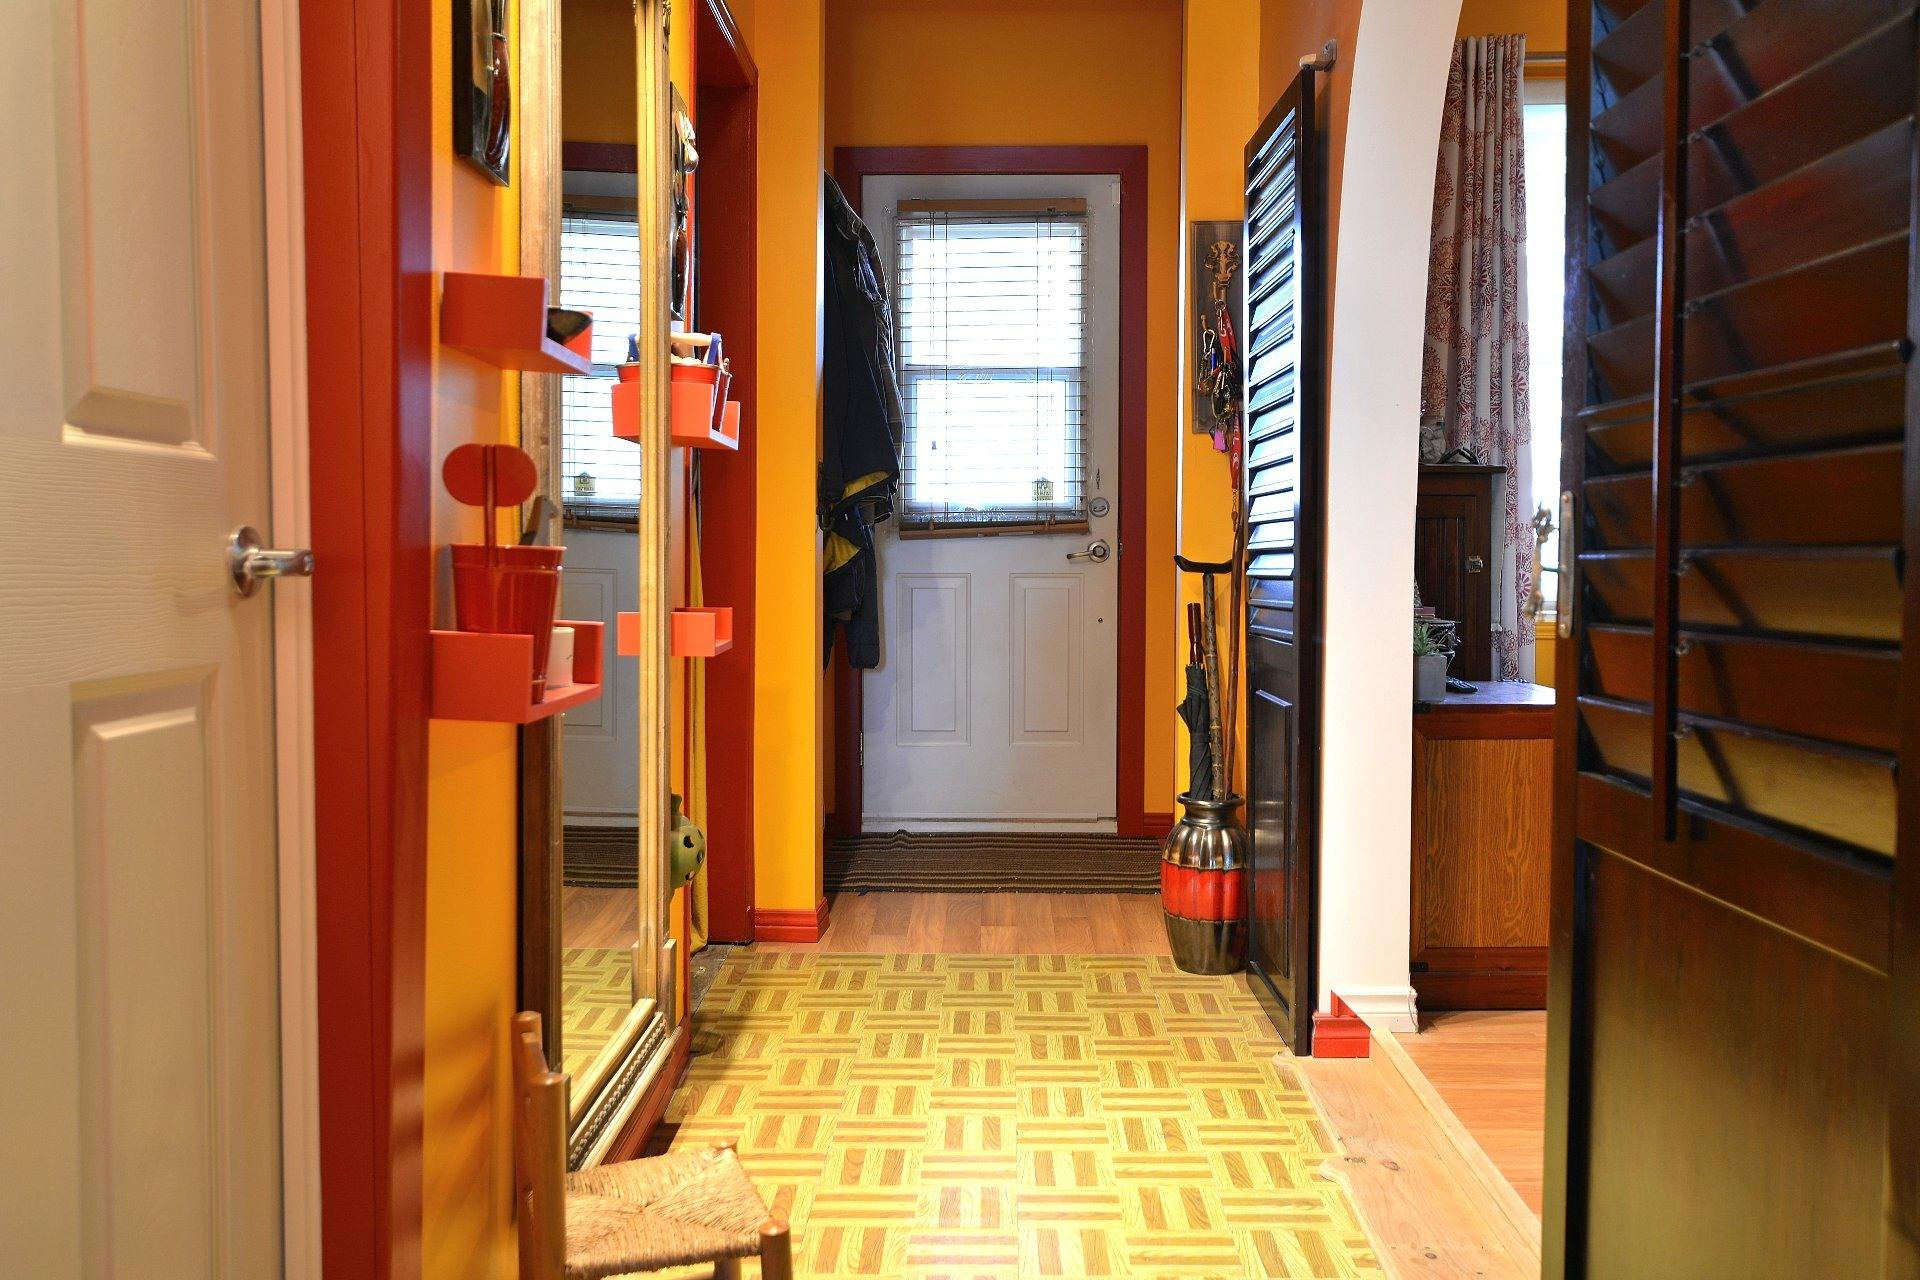 image 13 - House For sale Montréal Lachine  - 5 rooms